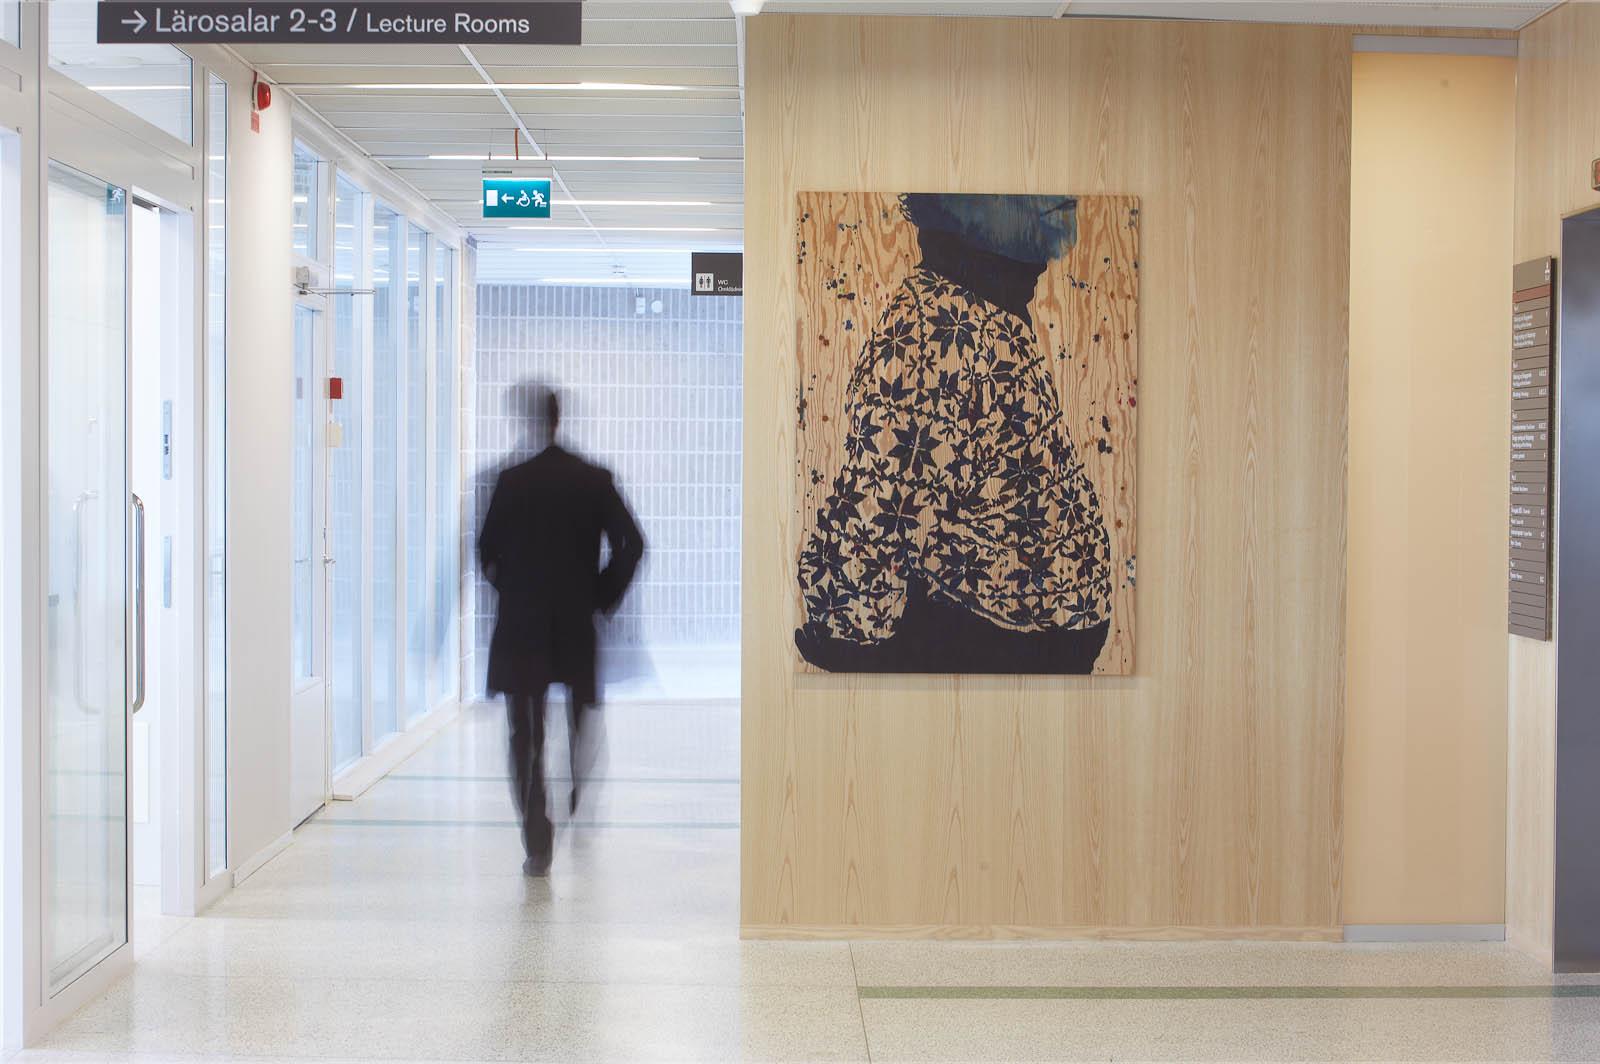 En person rör sig genom en korridor. På en trävägg hänger en tavla med en korpulent överkropp i mönstrad polokofta, målad på trä. Robert Lucander, 13 målningar